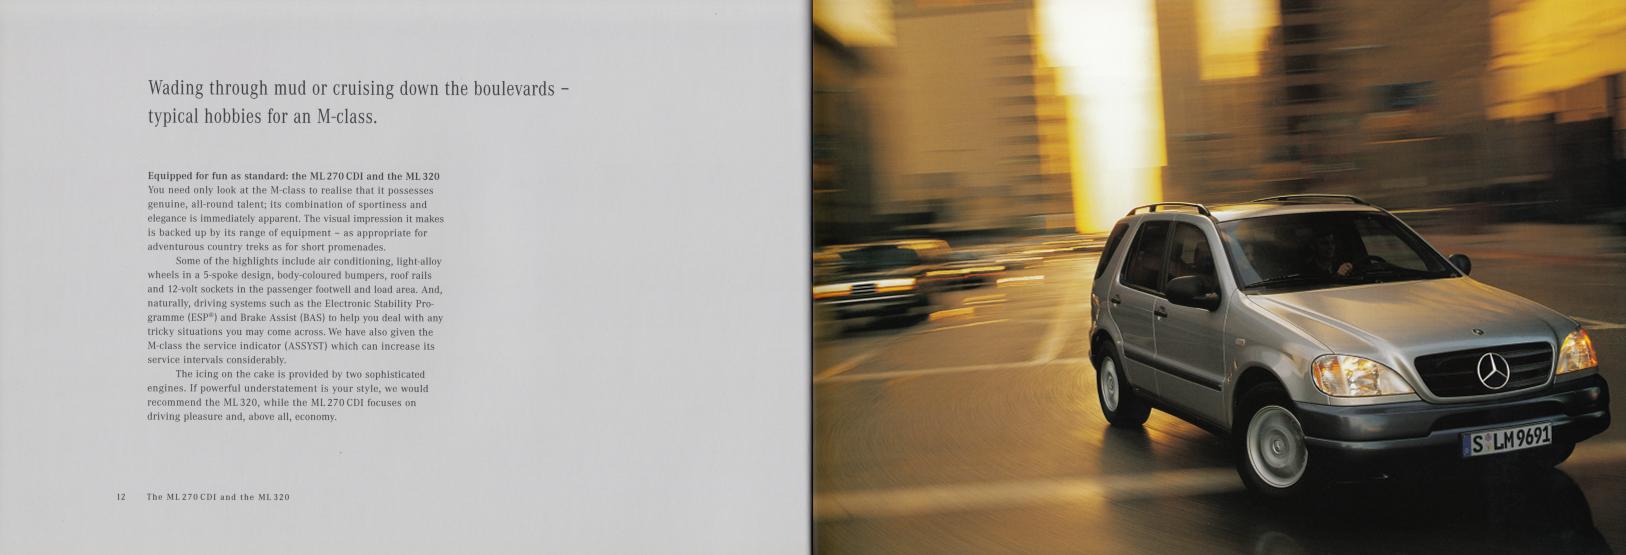 (W163): Catálogo 2001 (1) - inglês 008